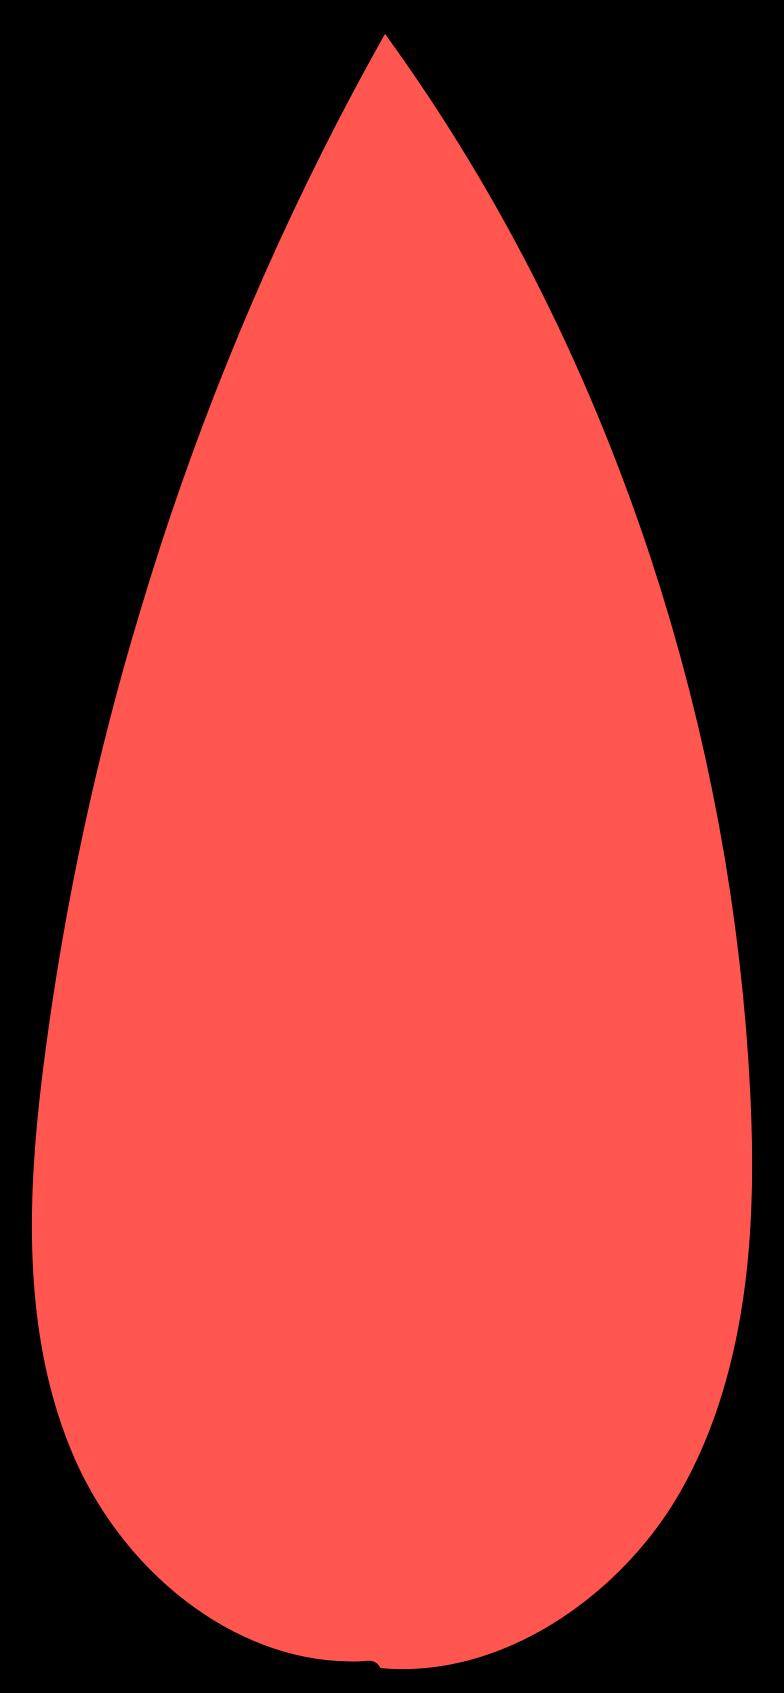 Solta Clipart illustration in PNG, SVG